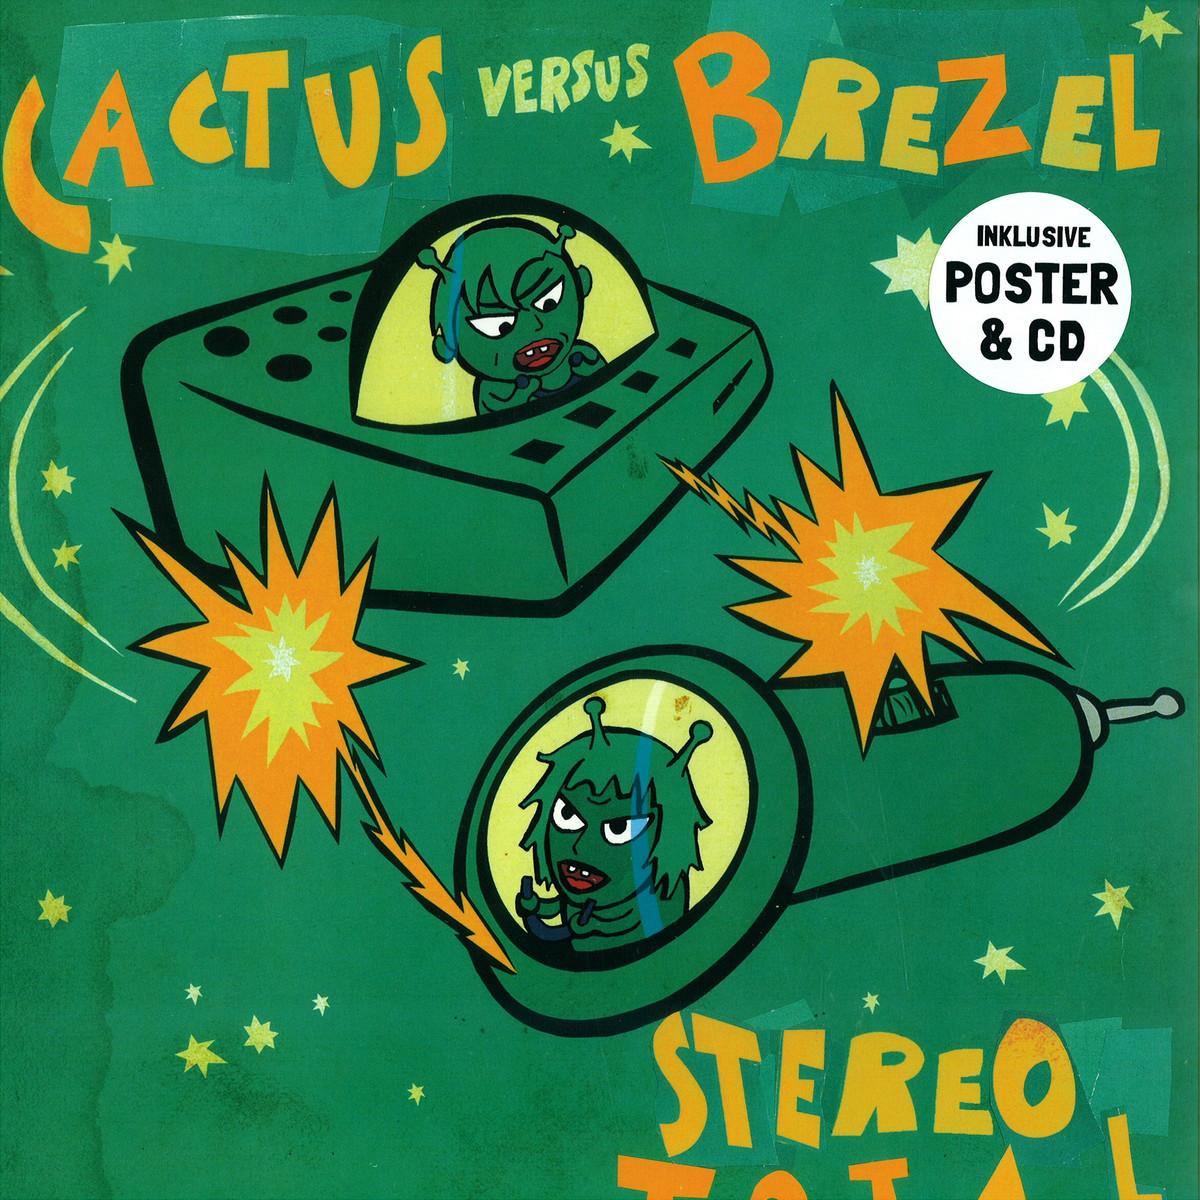 stereo total cactus vs brezel vinyl cd staatsakt akt732lp vinyl. Black Bedroom Furniture Sets. Home Design Ideas